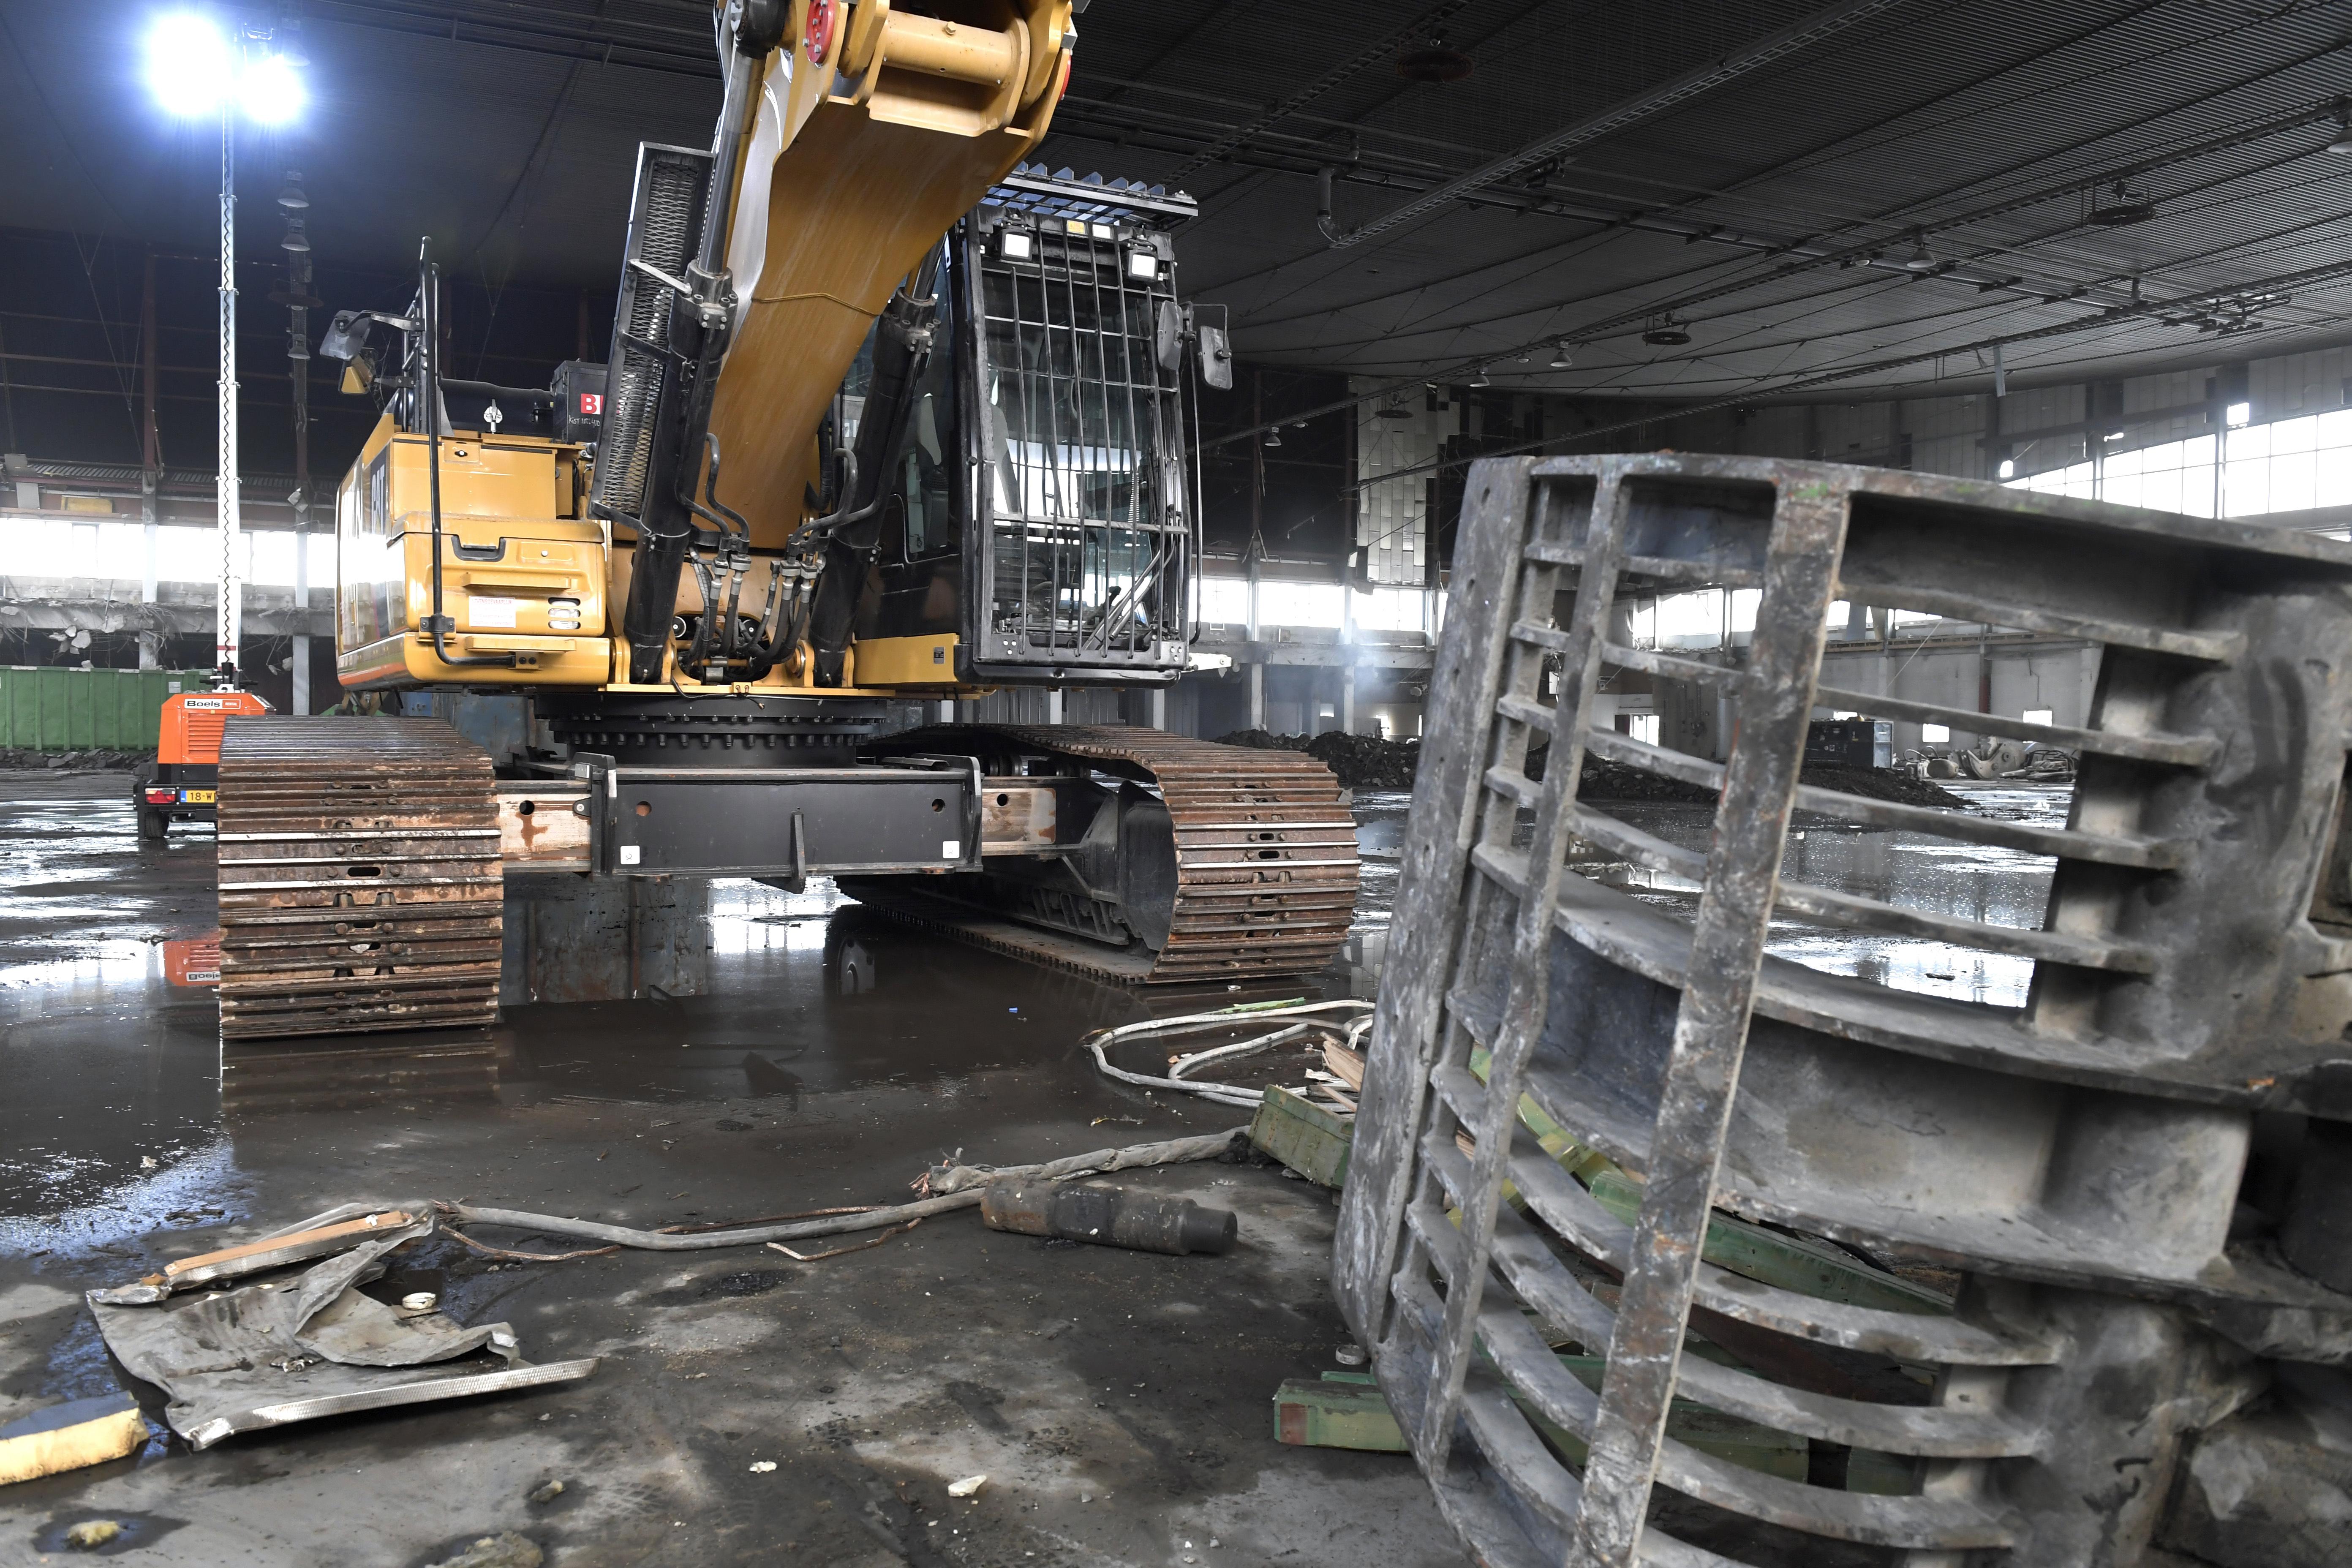 <p>Ingeschoven is de onderwagen van de 52 ton wegende Cat 3,43 meter breed. Daarmee blijft de machine dus binnen de wettelijke breedte van 3,50 meter waarvoor geen ontheffing nodig is. Op het werk kan de onderwagen worden uitgeschoven tot 4,25 meter breed.</p>